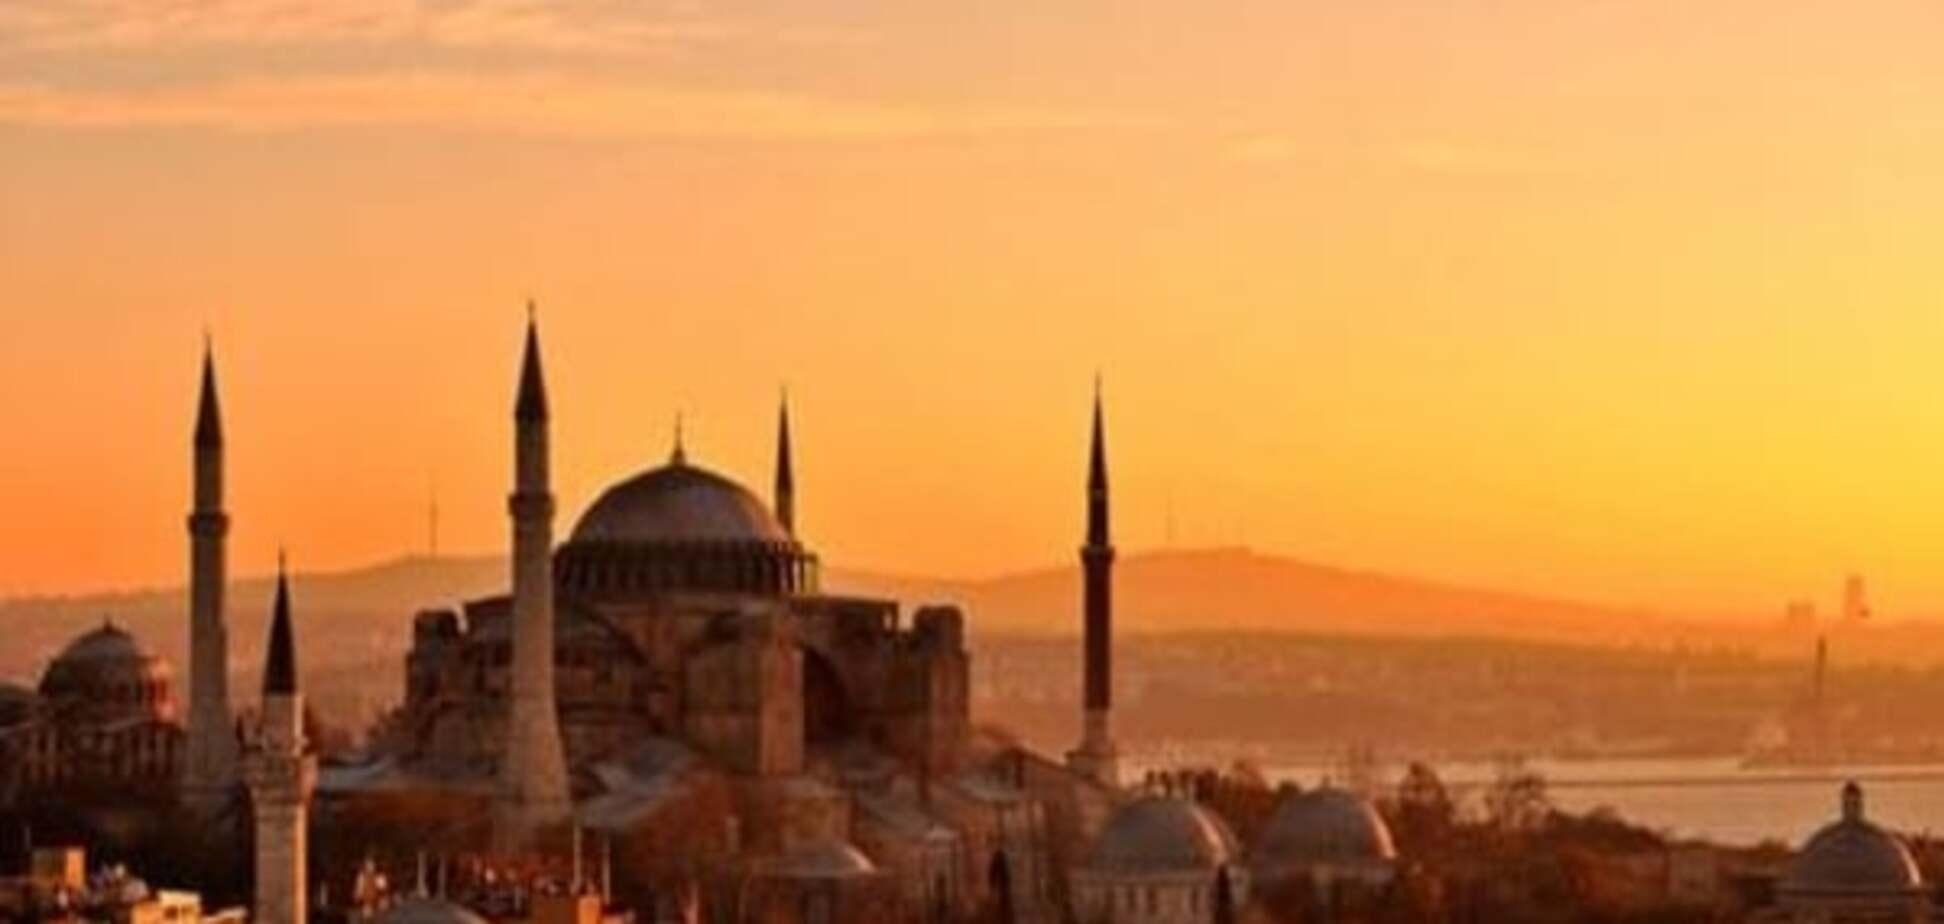 Через вибух біля станції метро у Стамбулі постраждали п'ятеро людей